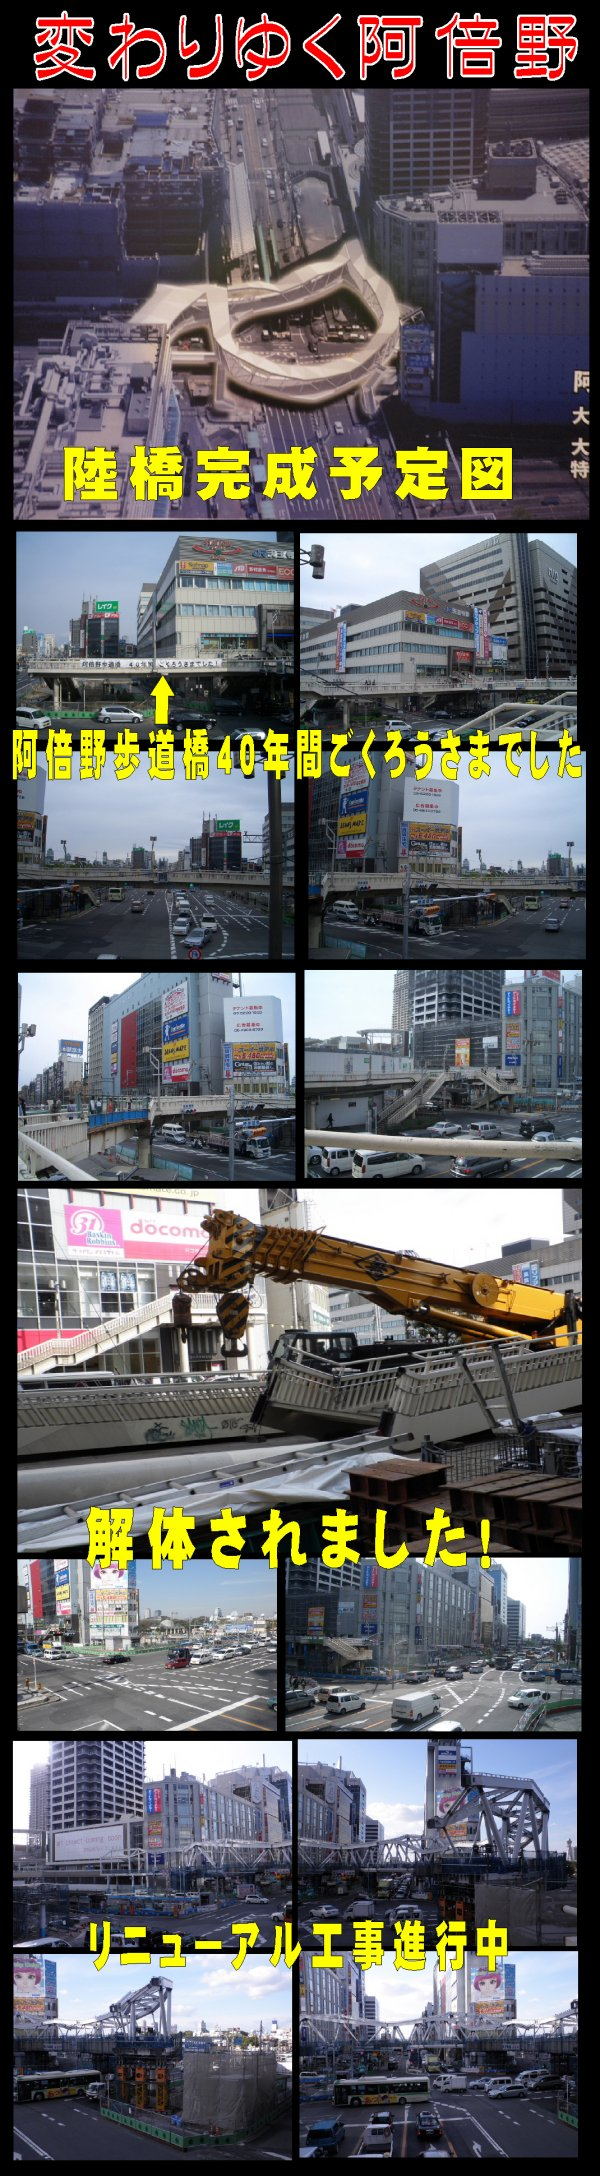 阿倍野陸橋